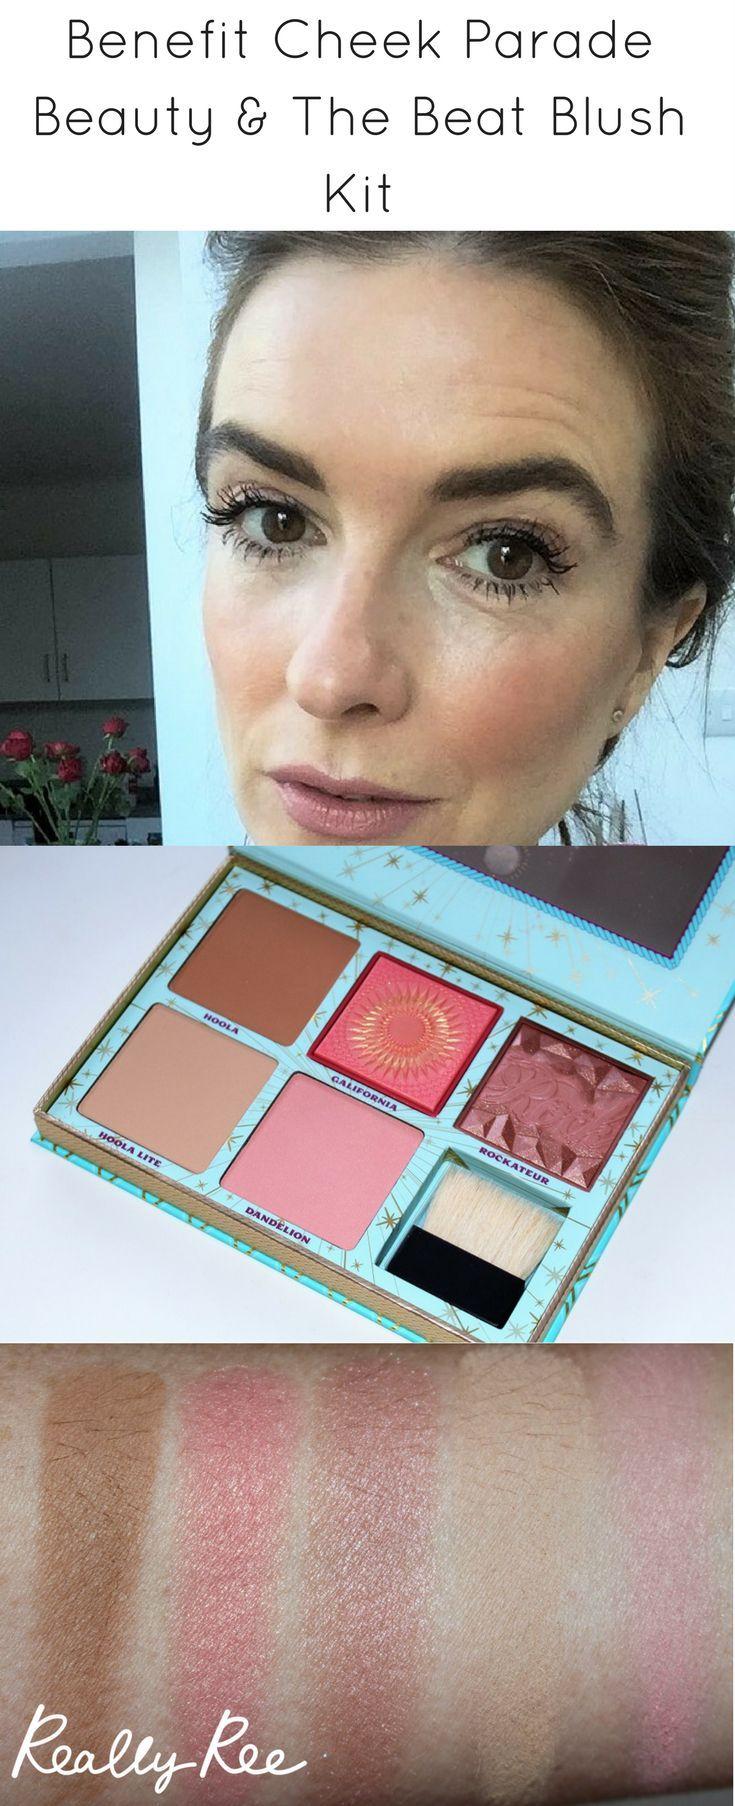 Cheek Parade Bronzer & Blush Palette by Benefit #7